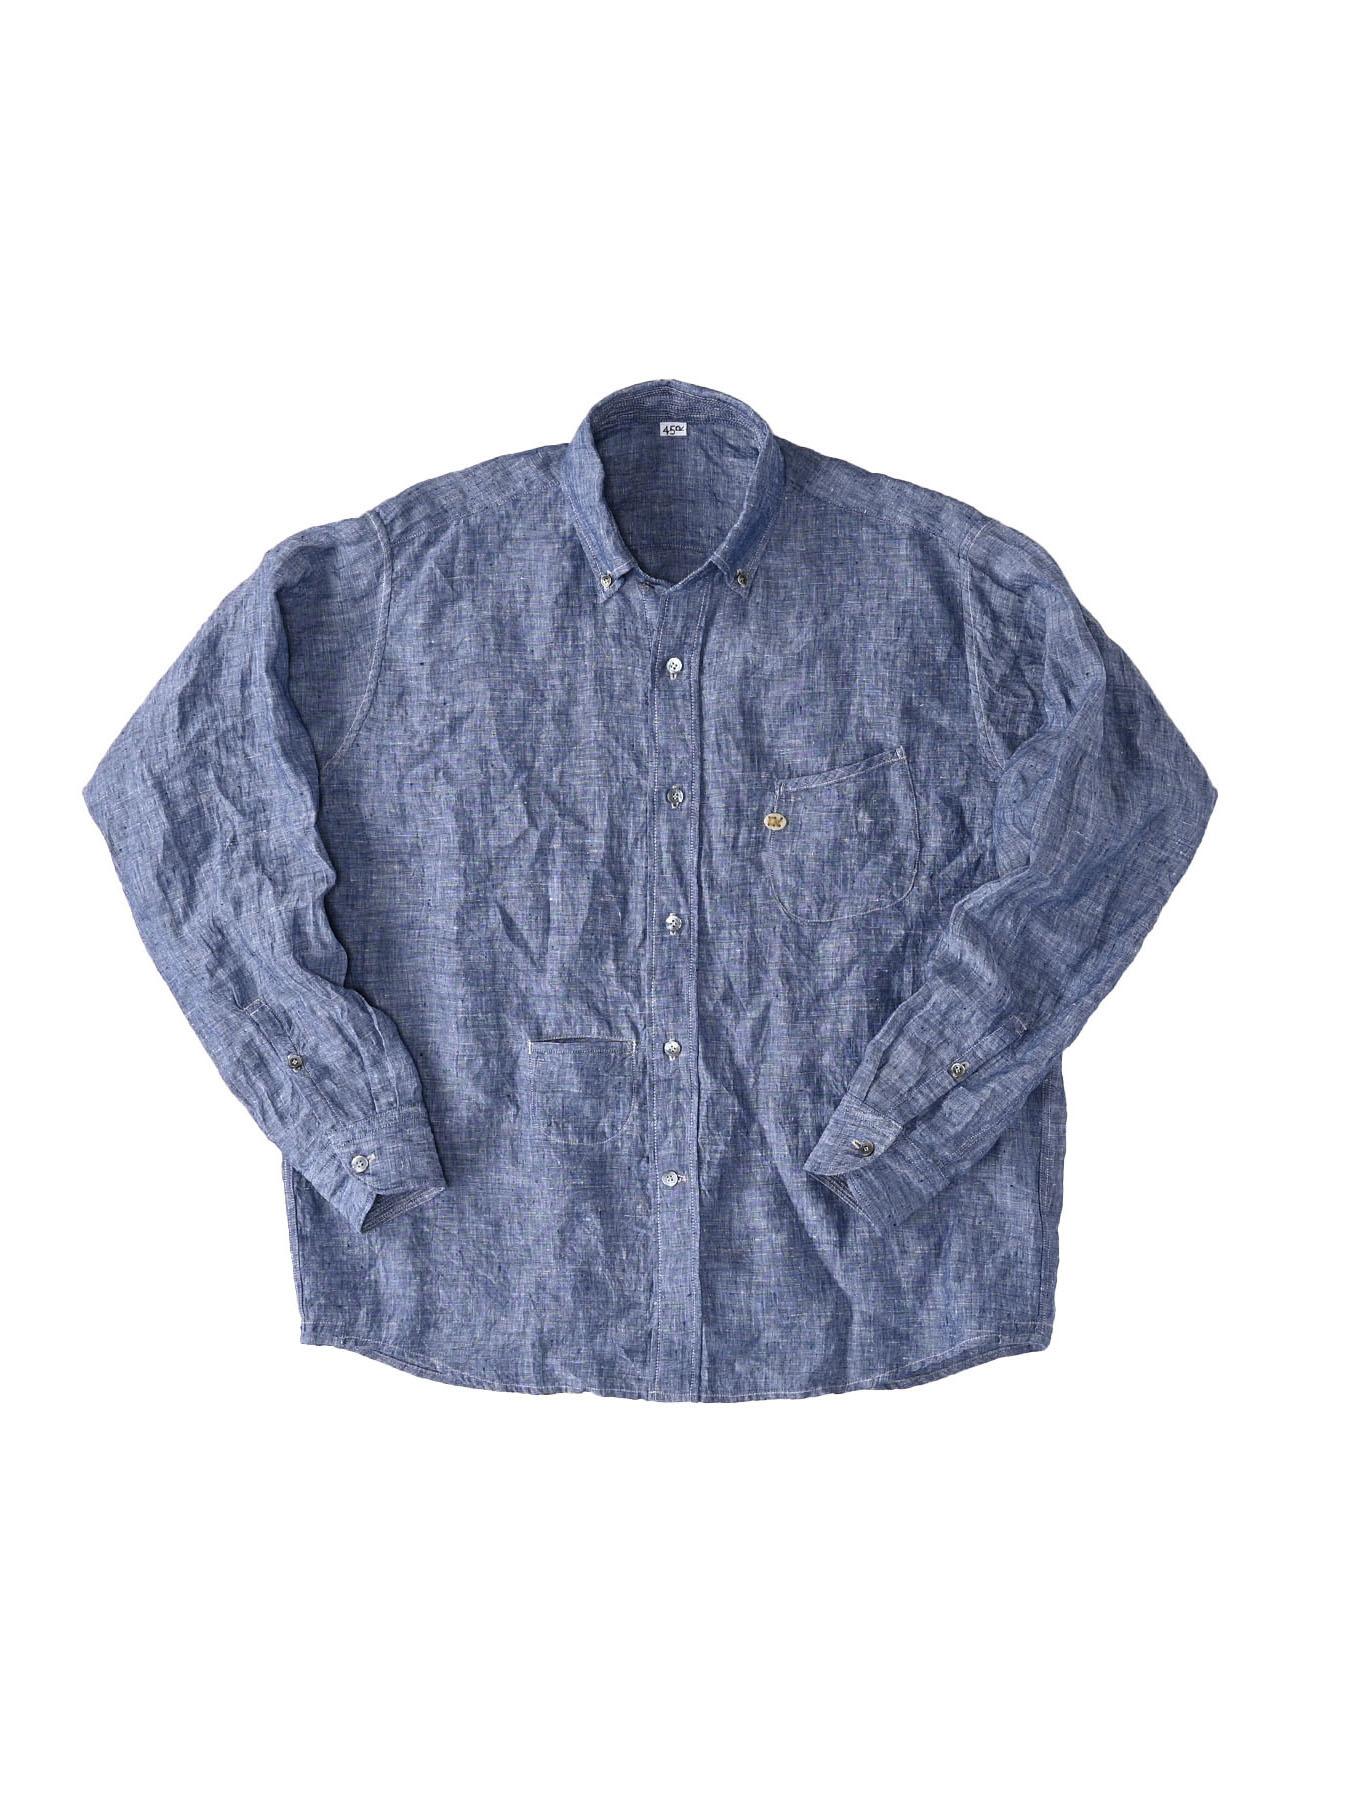 Indian Linen 908 Ocean Button Down Shirt (0421)-1